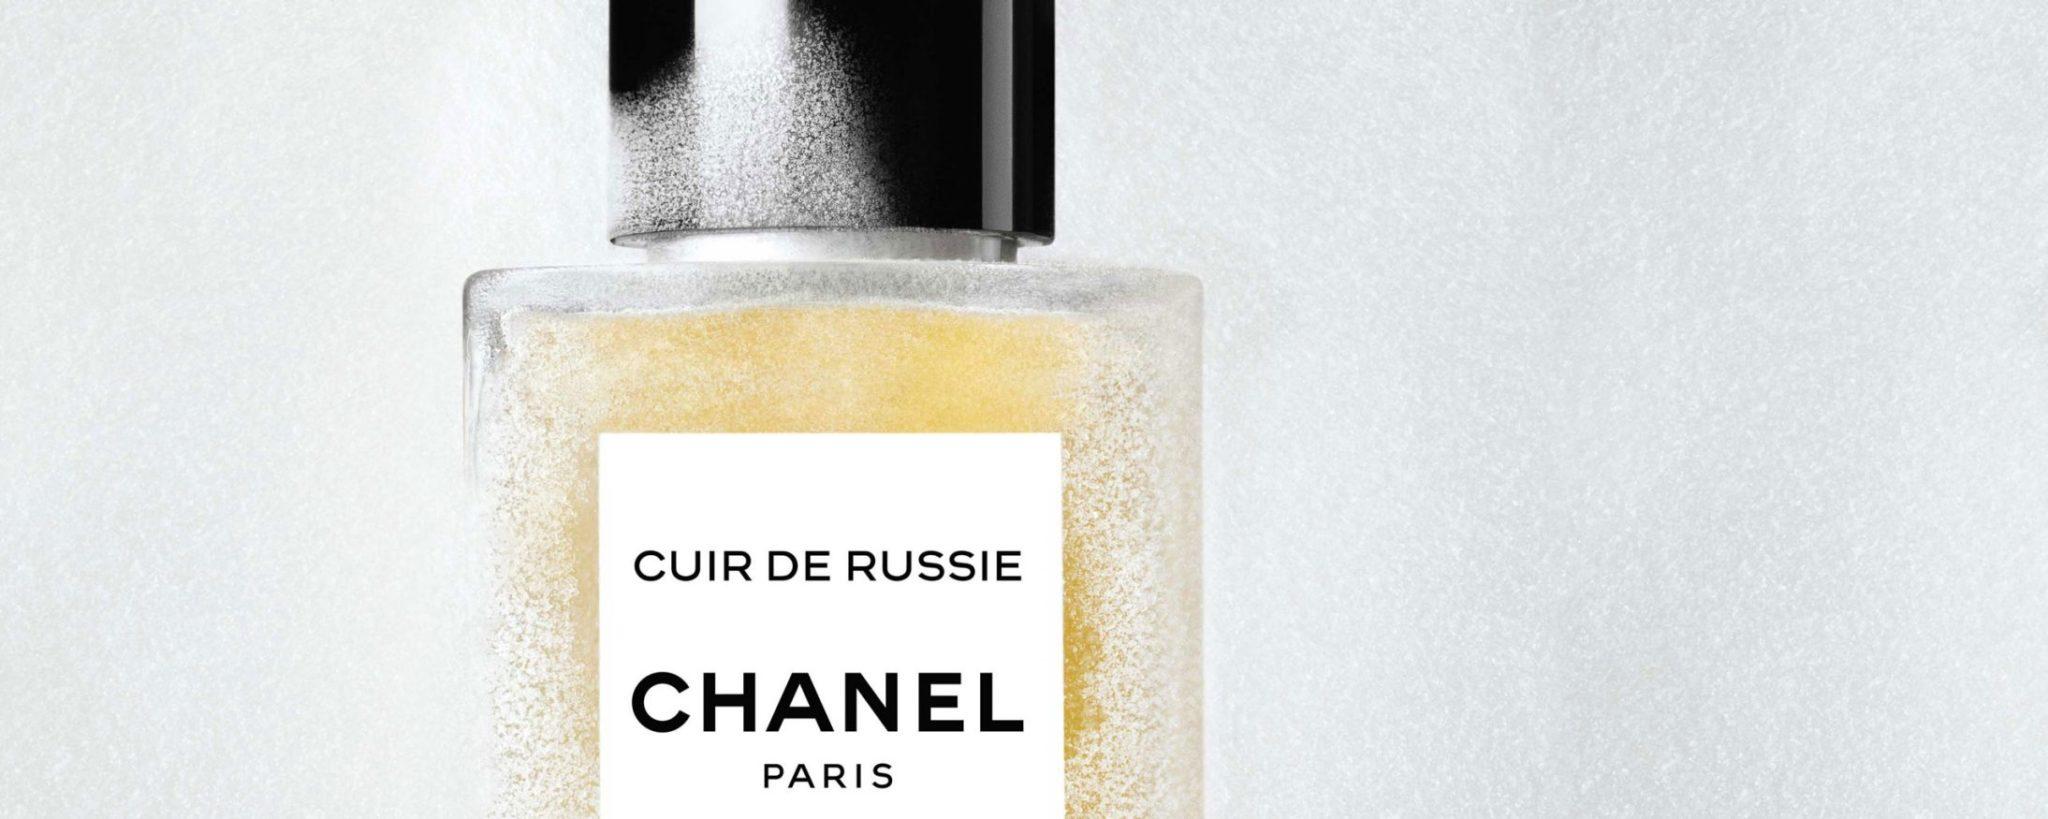 Chanel Les Exclusifs Cuir de Russie eau de parfum Esprit de Gabrielle jeronimodiparigi-dev-esprit-de-gabrielle.pf1.wpserveur.net